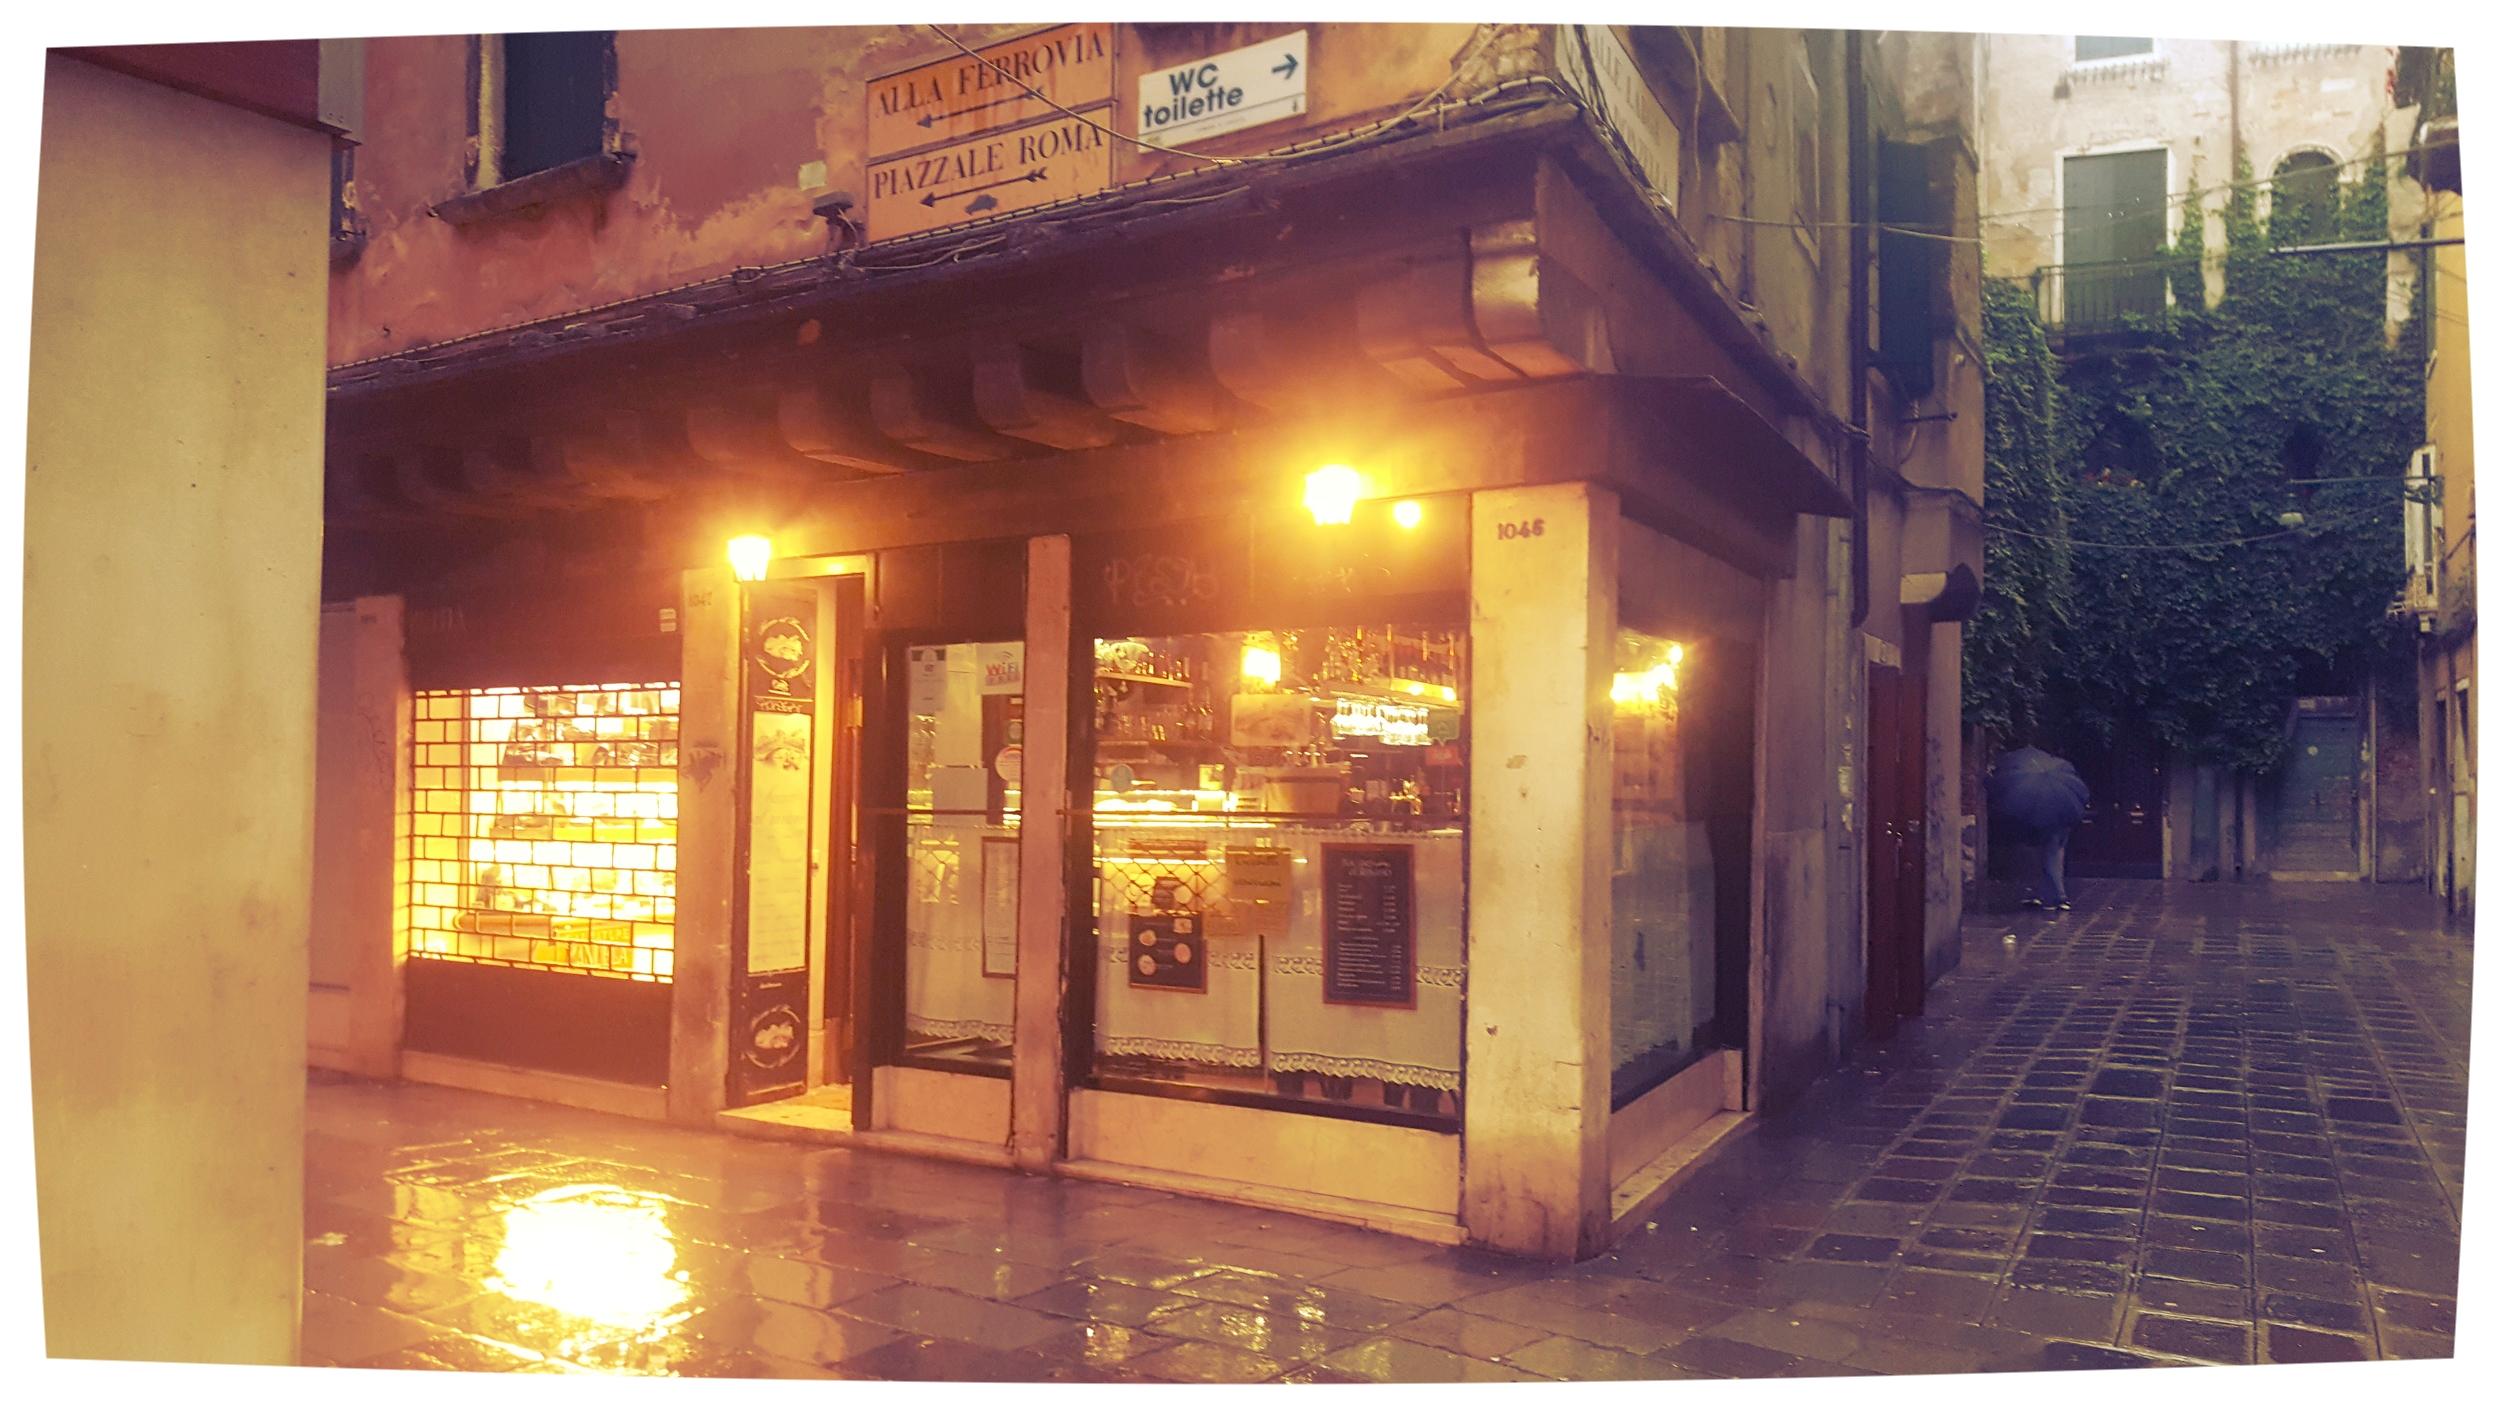 Local Baccari bar